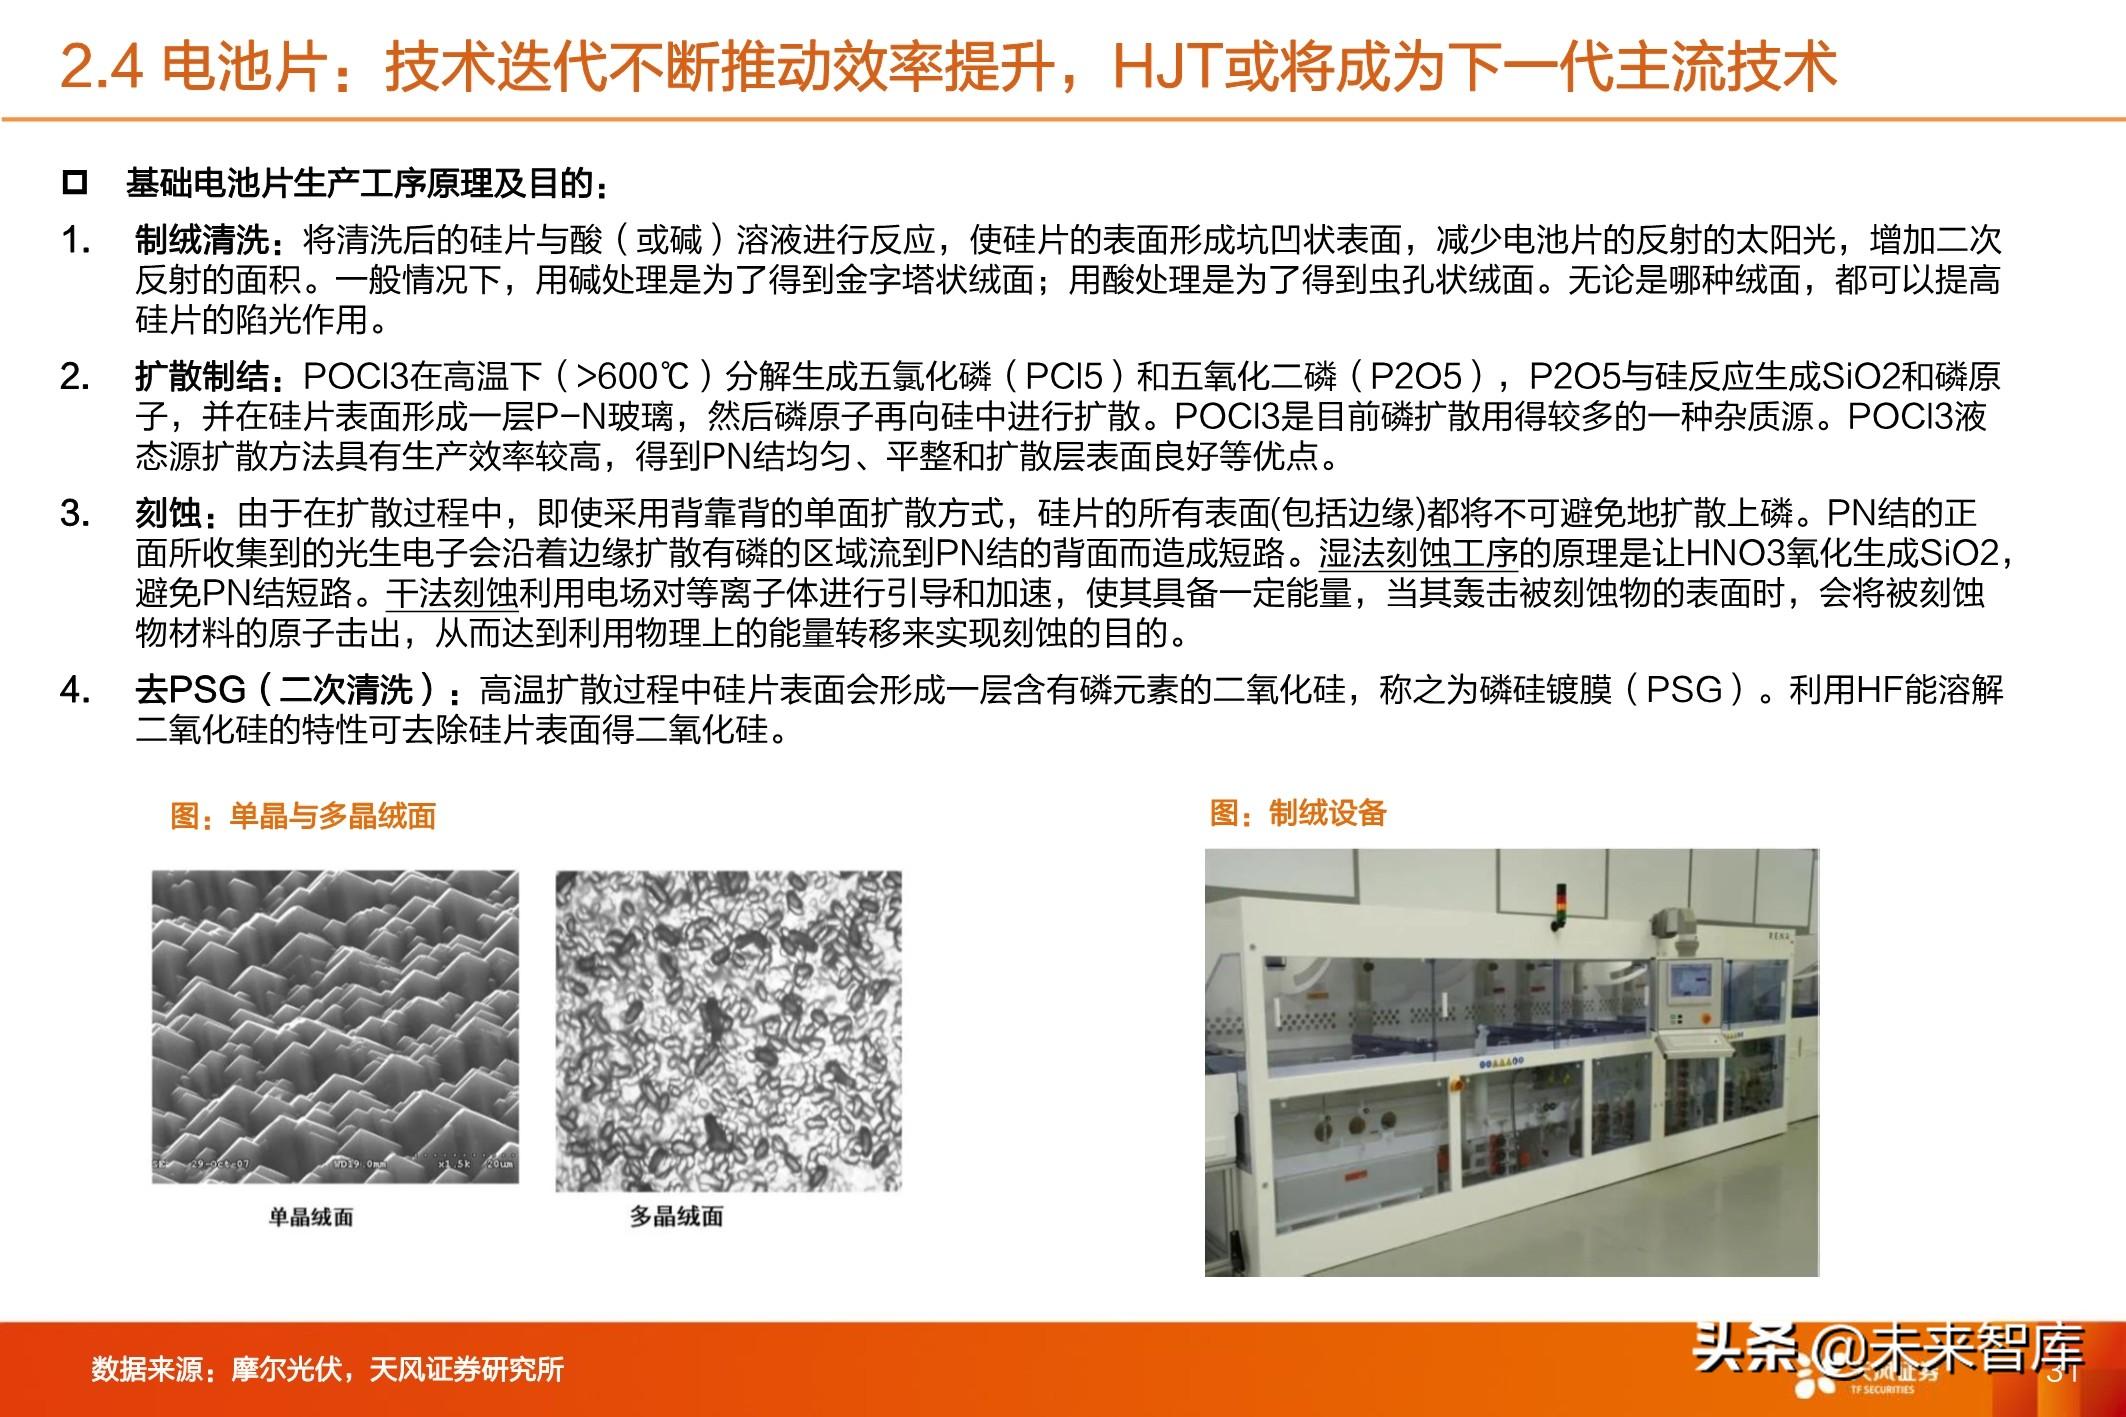 光伏设备产业分析:技术迭代带动设备更新换代